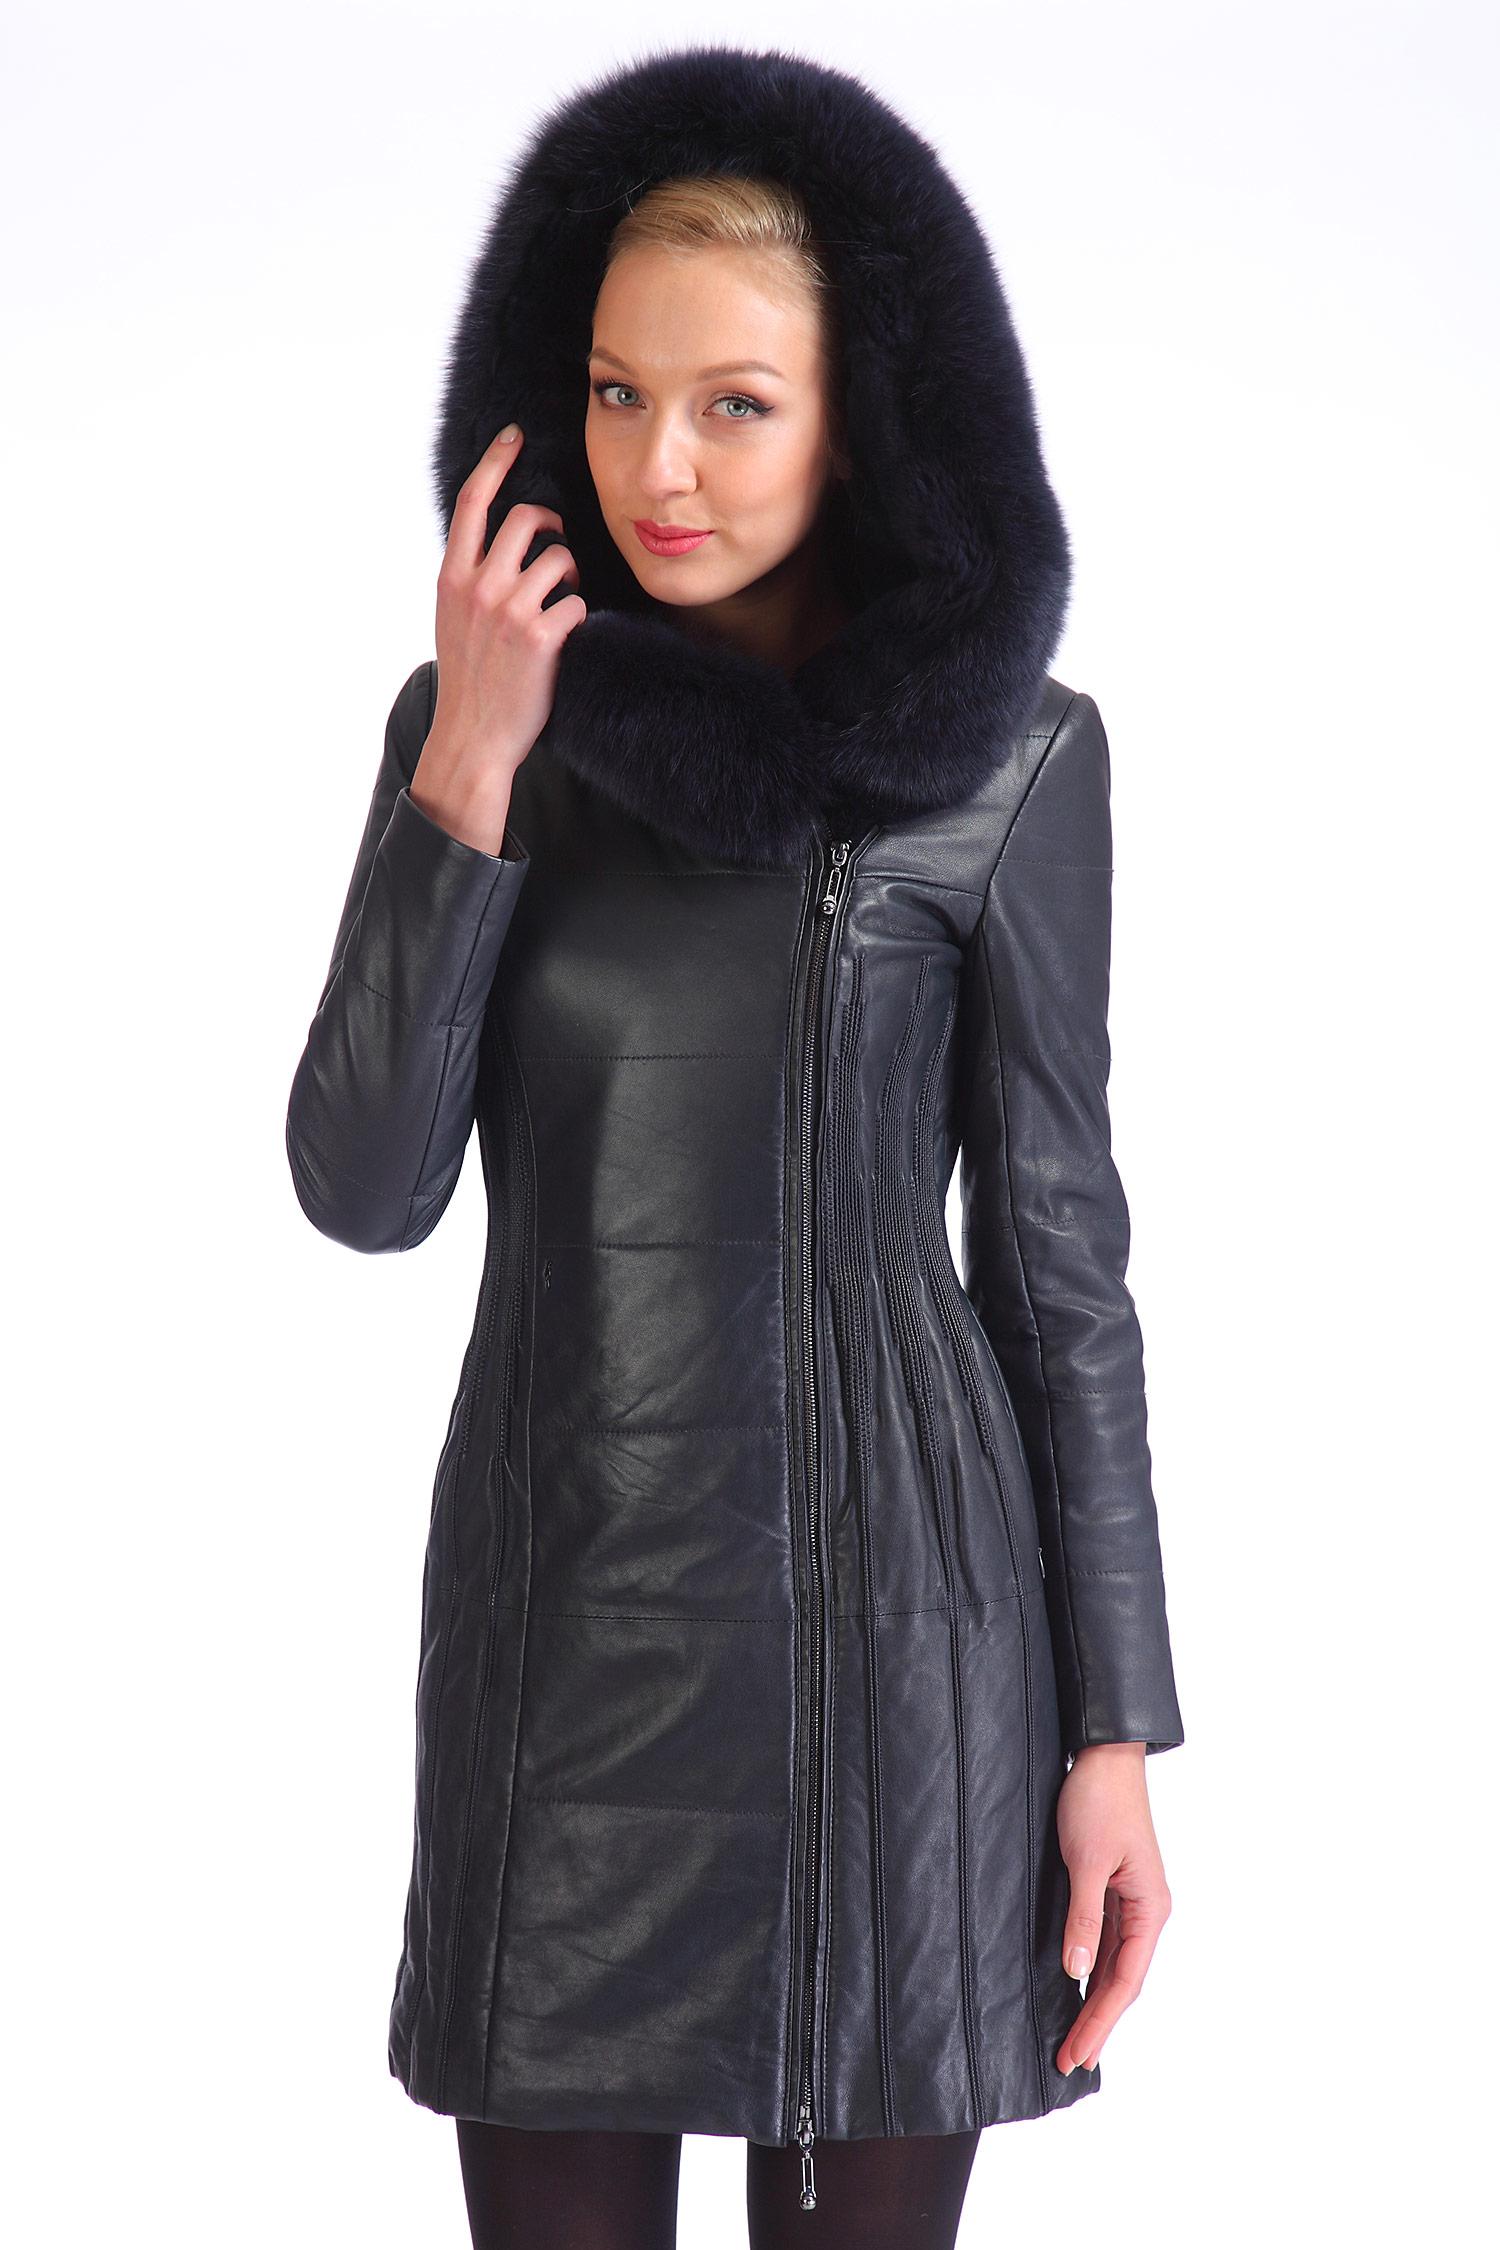 Женское кожаное пальто из натуральной кожи с капюшоном, отделка песец<br><br>Воротник: Капюшон<br>Длина см: 85<br>Материал: Натуральная кожа<br>Цвет: Синий<br>Вид застежки: Песец<br>Пол: Женский